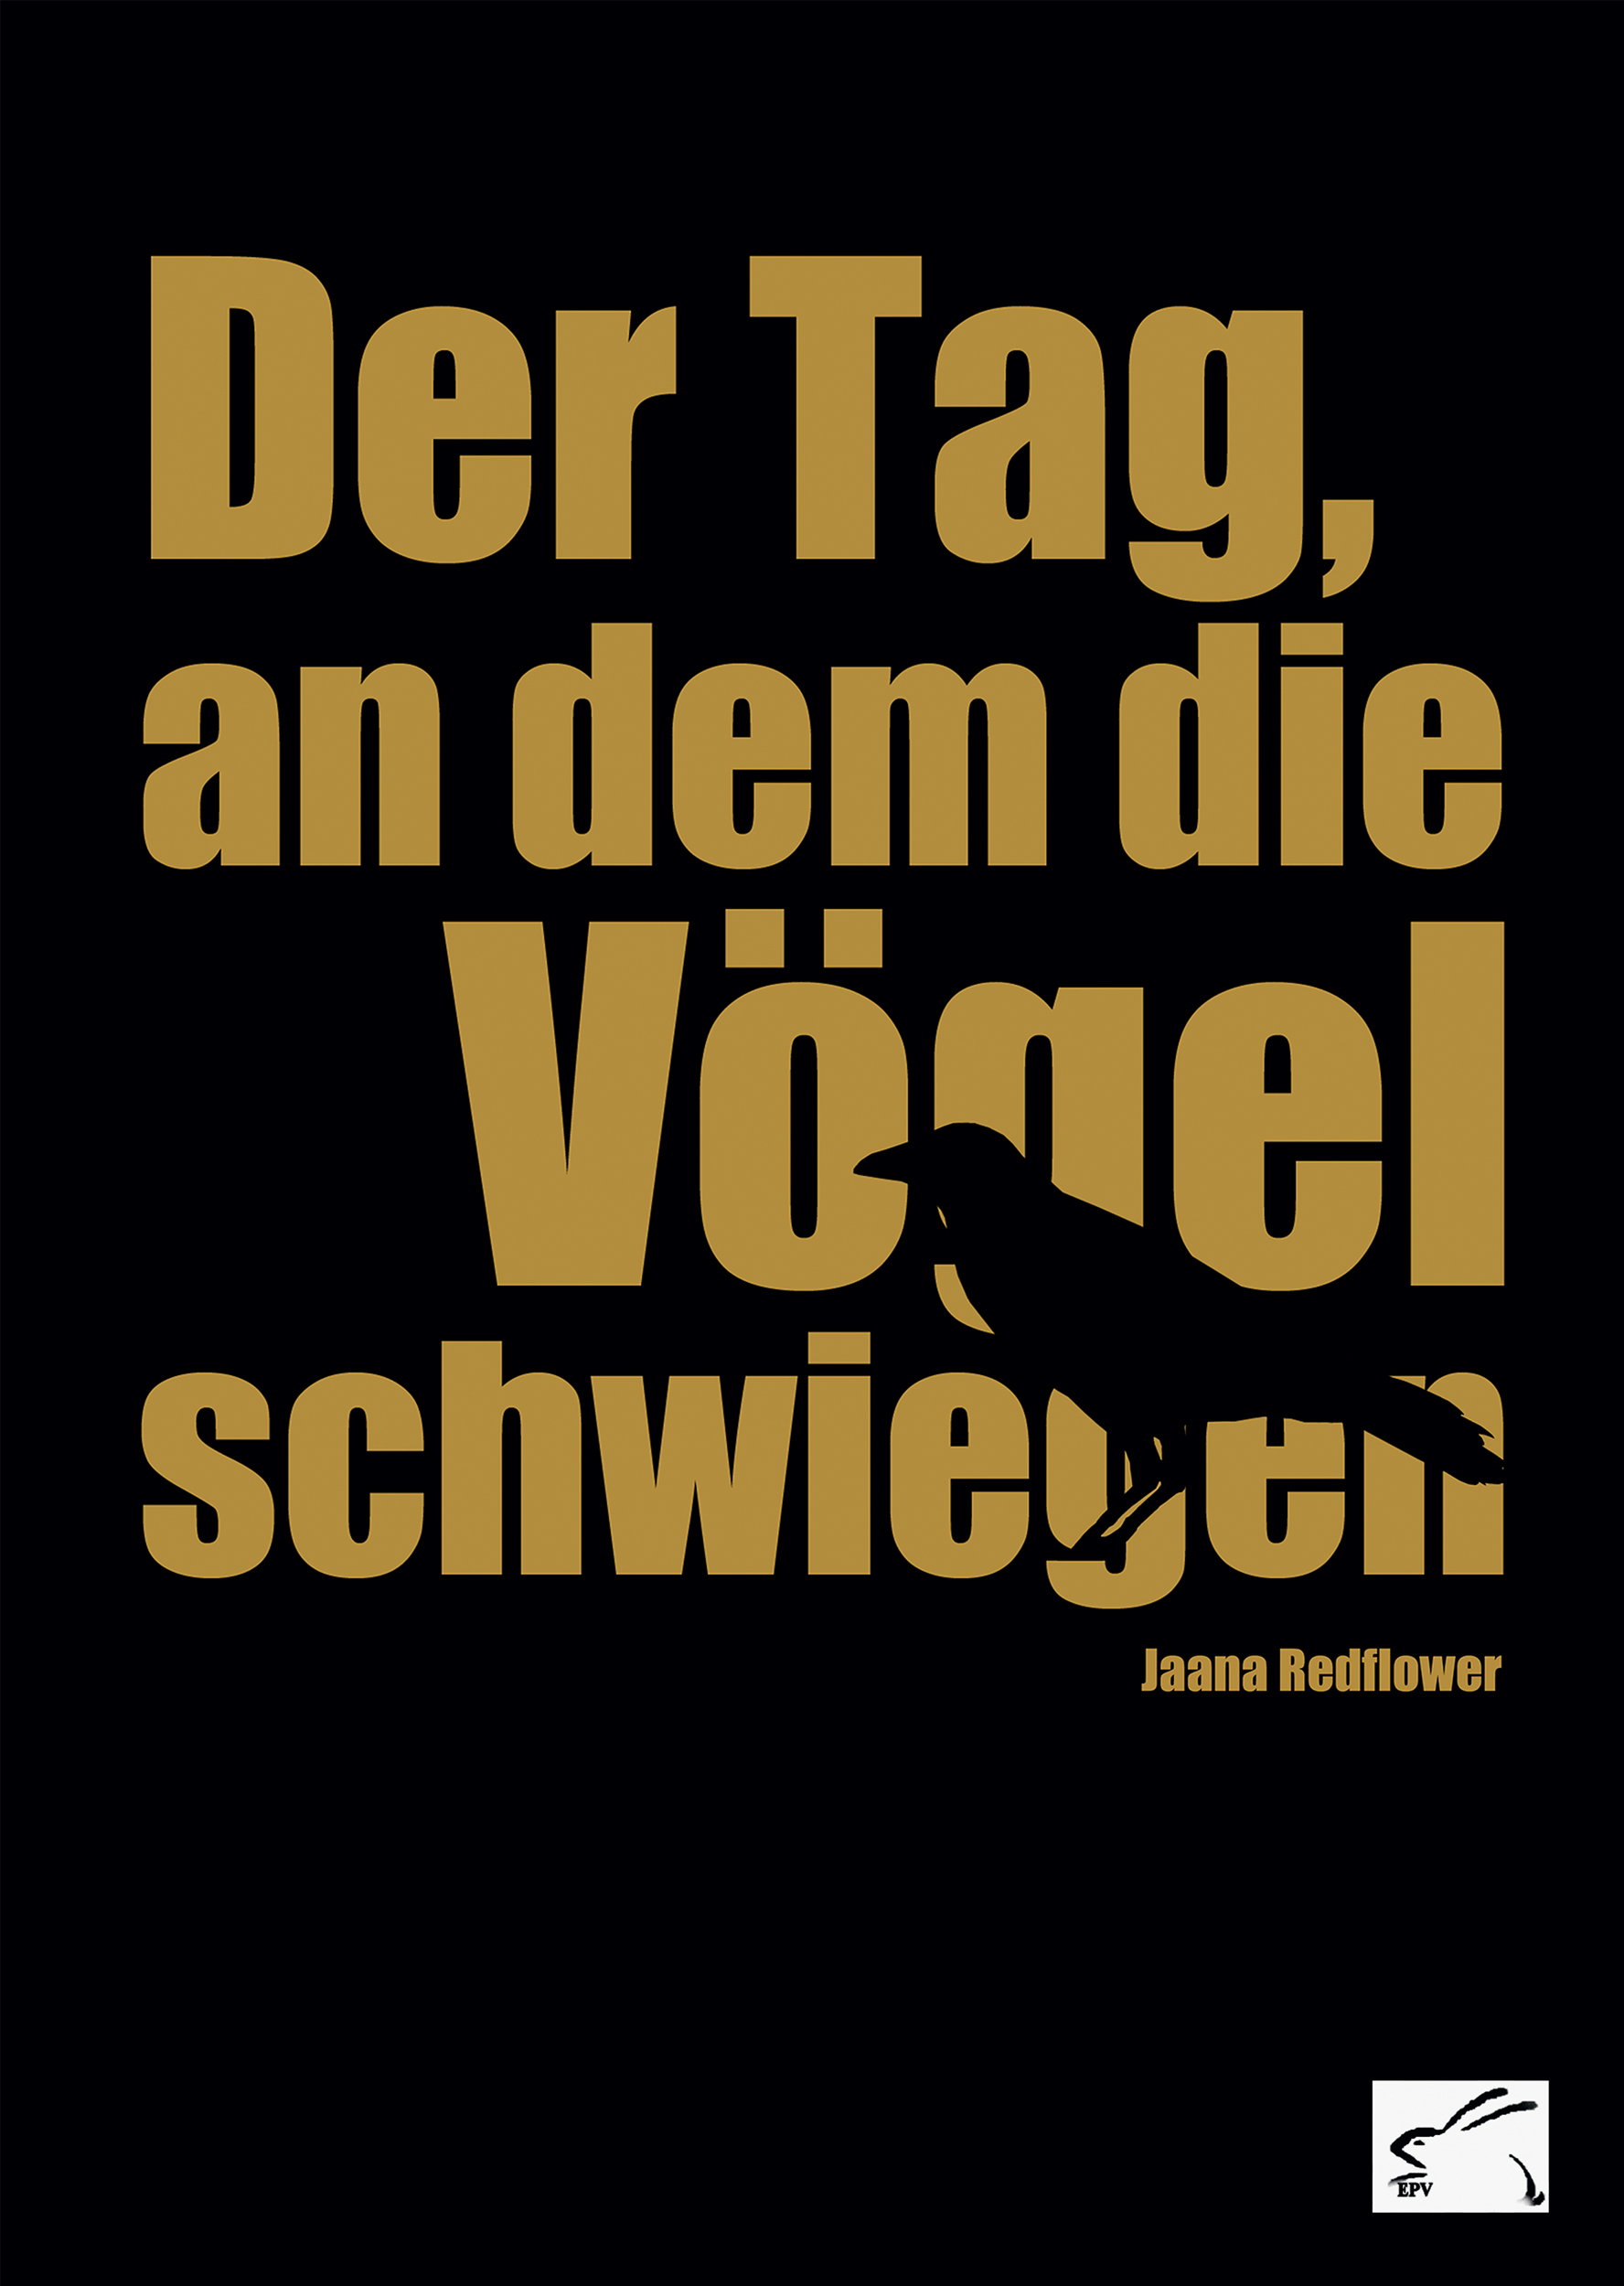 Redflower_Jaana_Der-Tag-an-dem-die-Voegel-schwiegen_phantastik-autoren-netzwerk.jpg